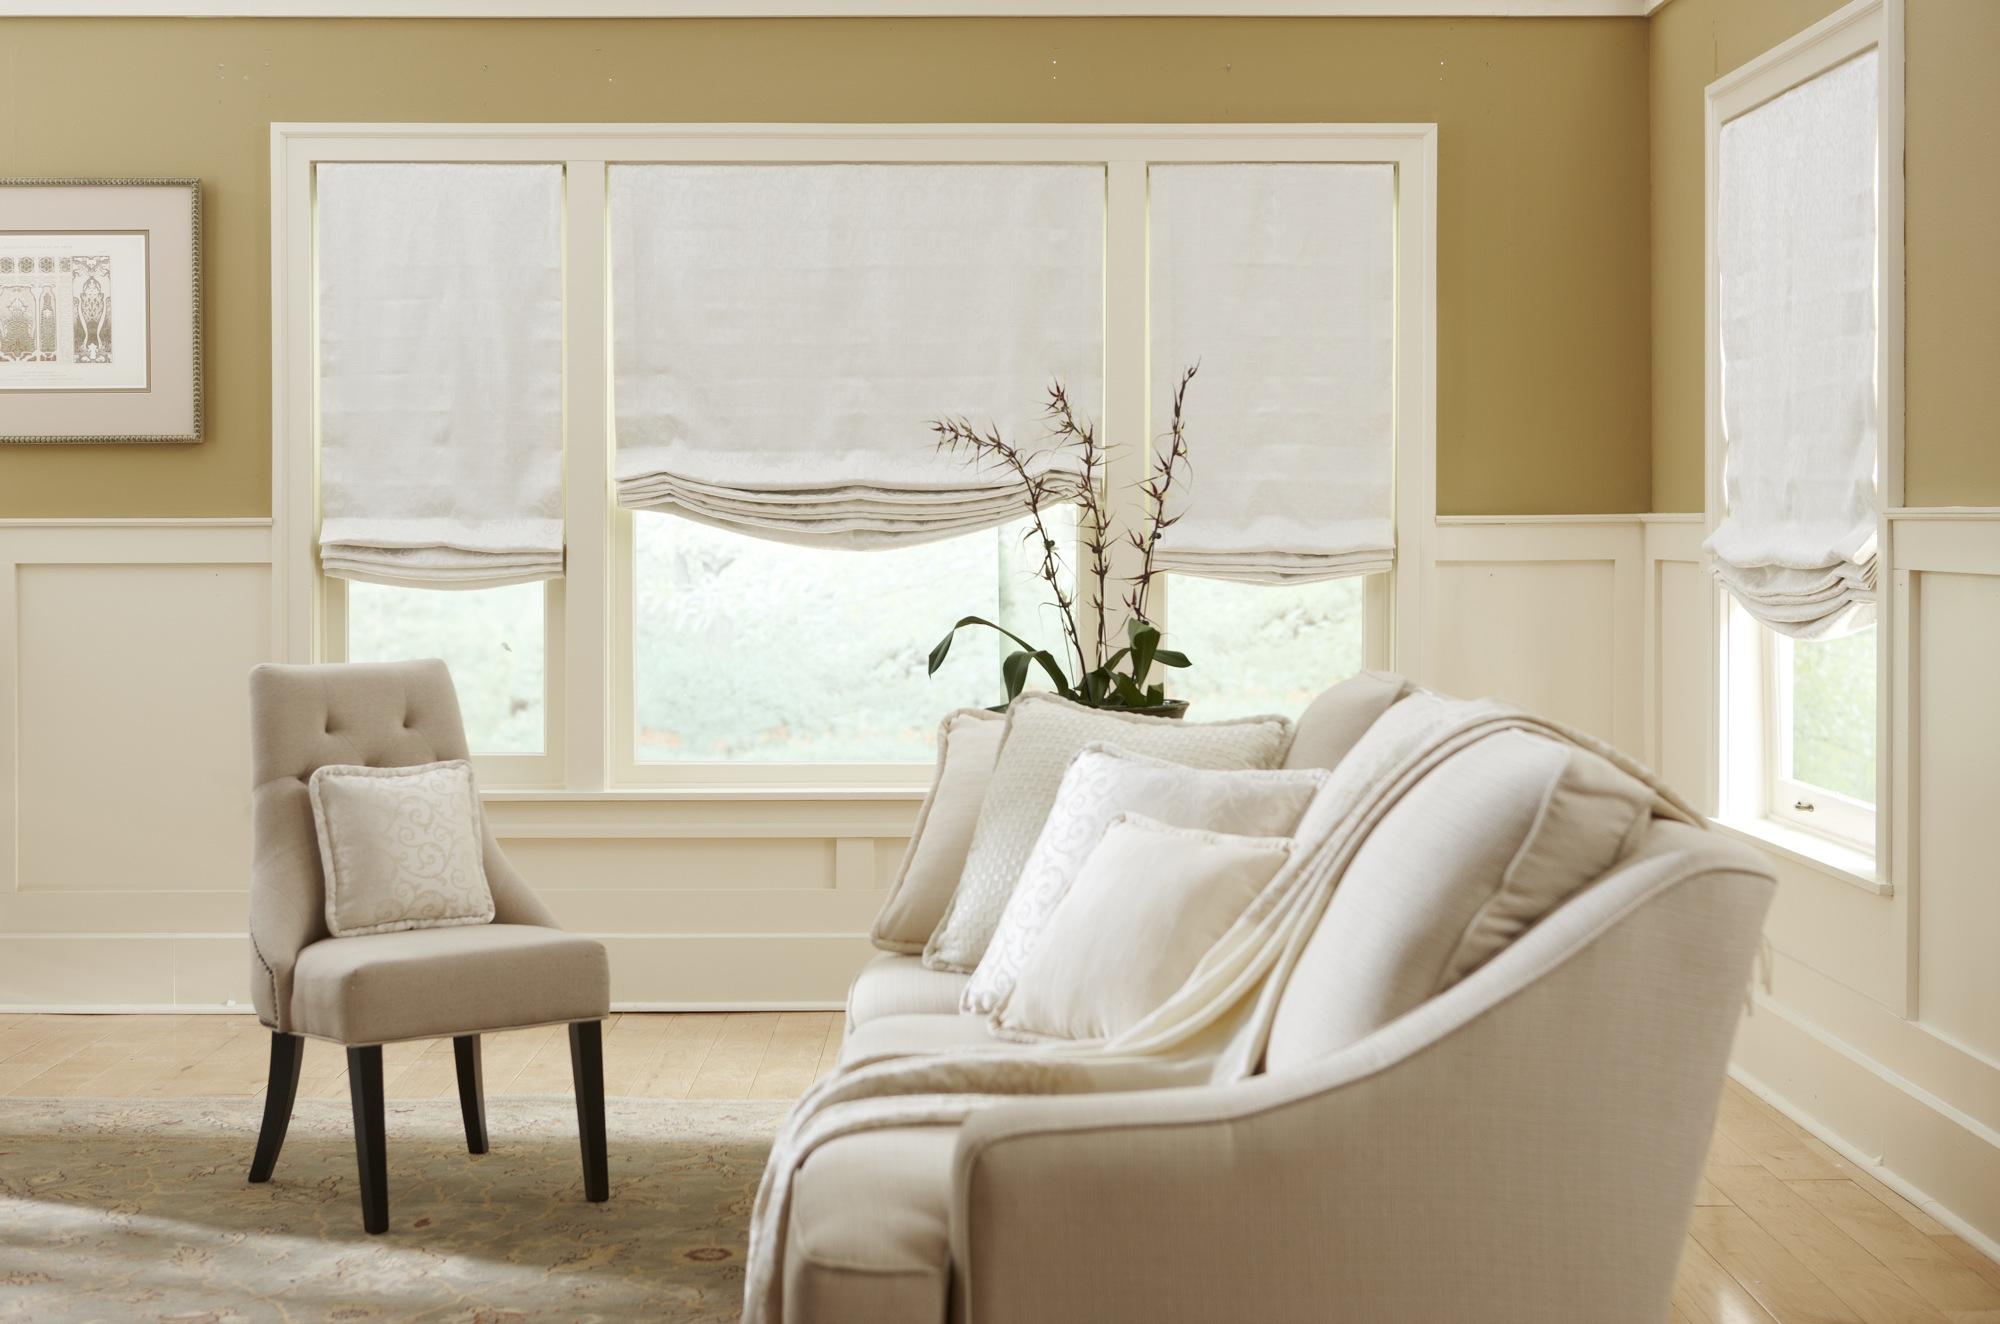 formal_living_room_set1_c_-032-geçiş